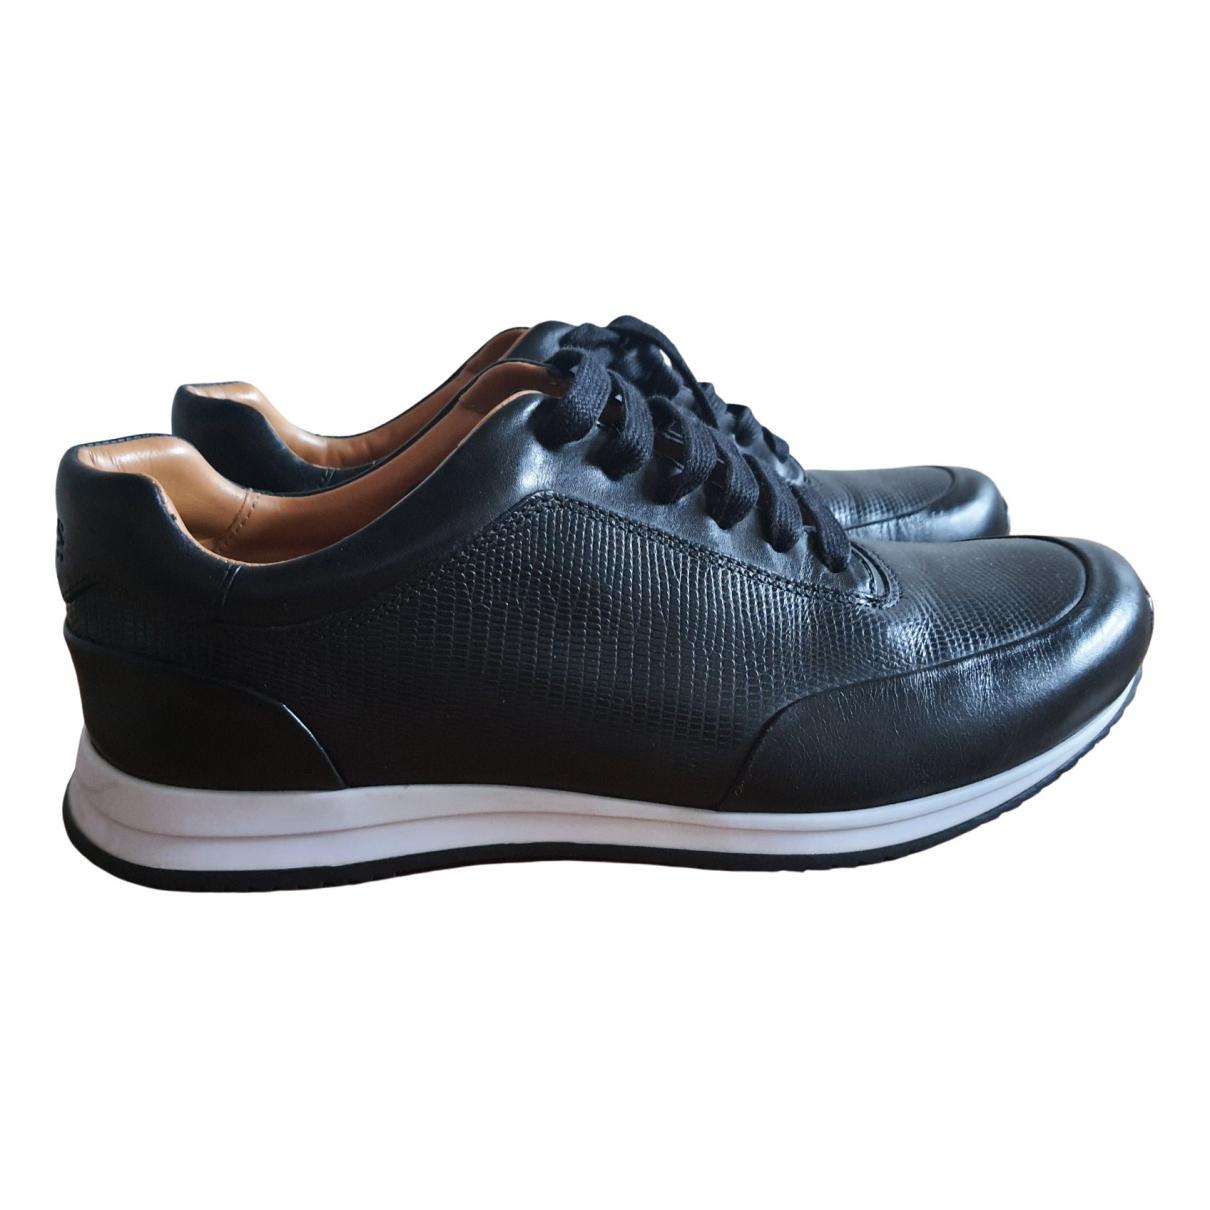 Hugo Boss - Baskets   pour homme en cuir - noir